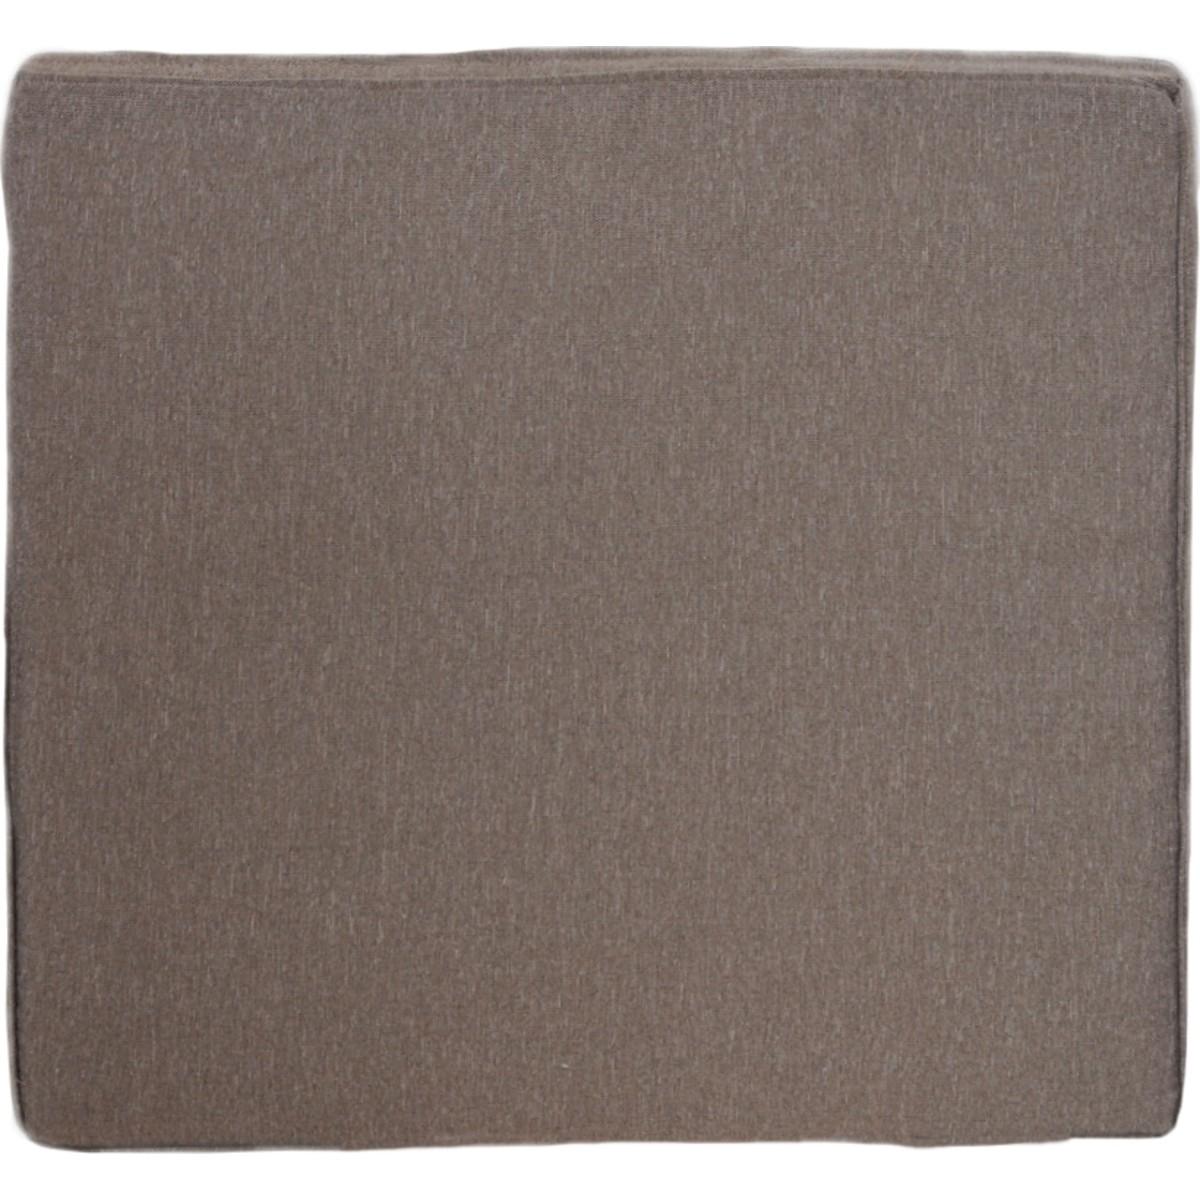 Подушка для садовой мебели Keter цвет теплый коричневый